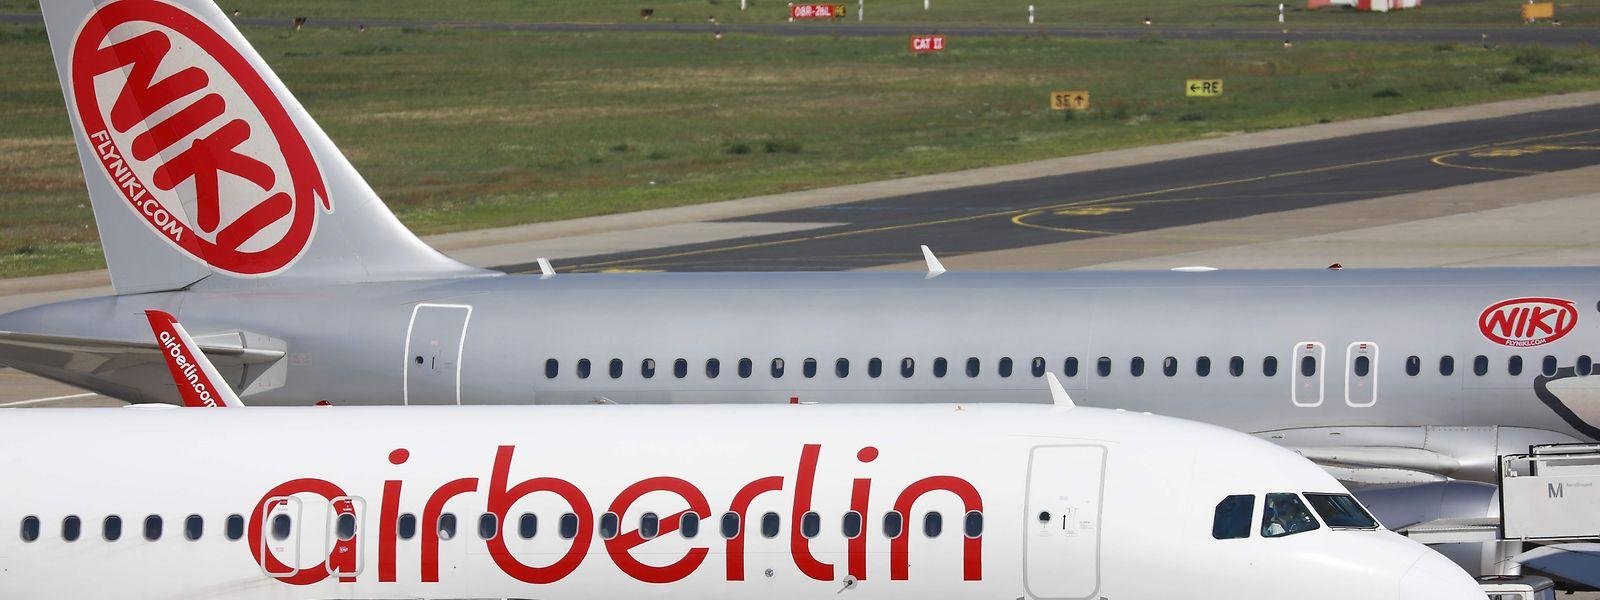 Aus für Air Berlin. Lufthansa und Easyjet gelten als potenzielle Käufer der Fluggesellschaft.